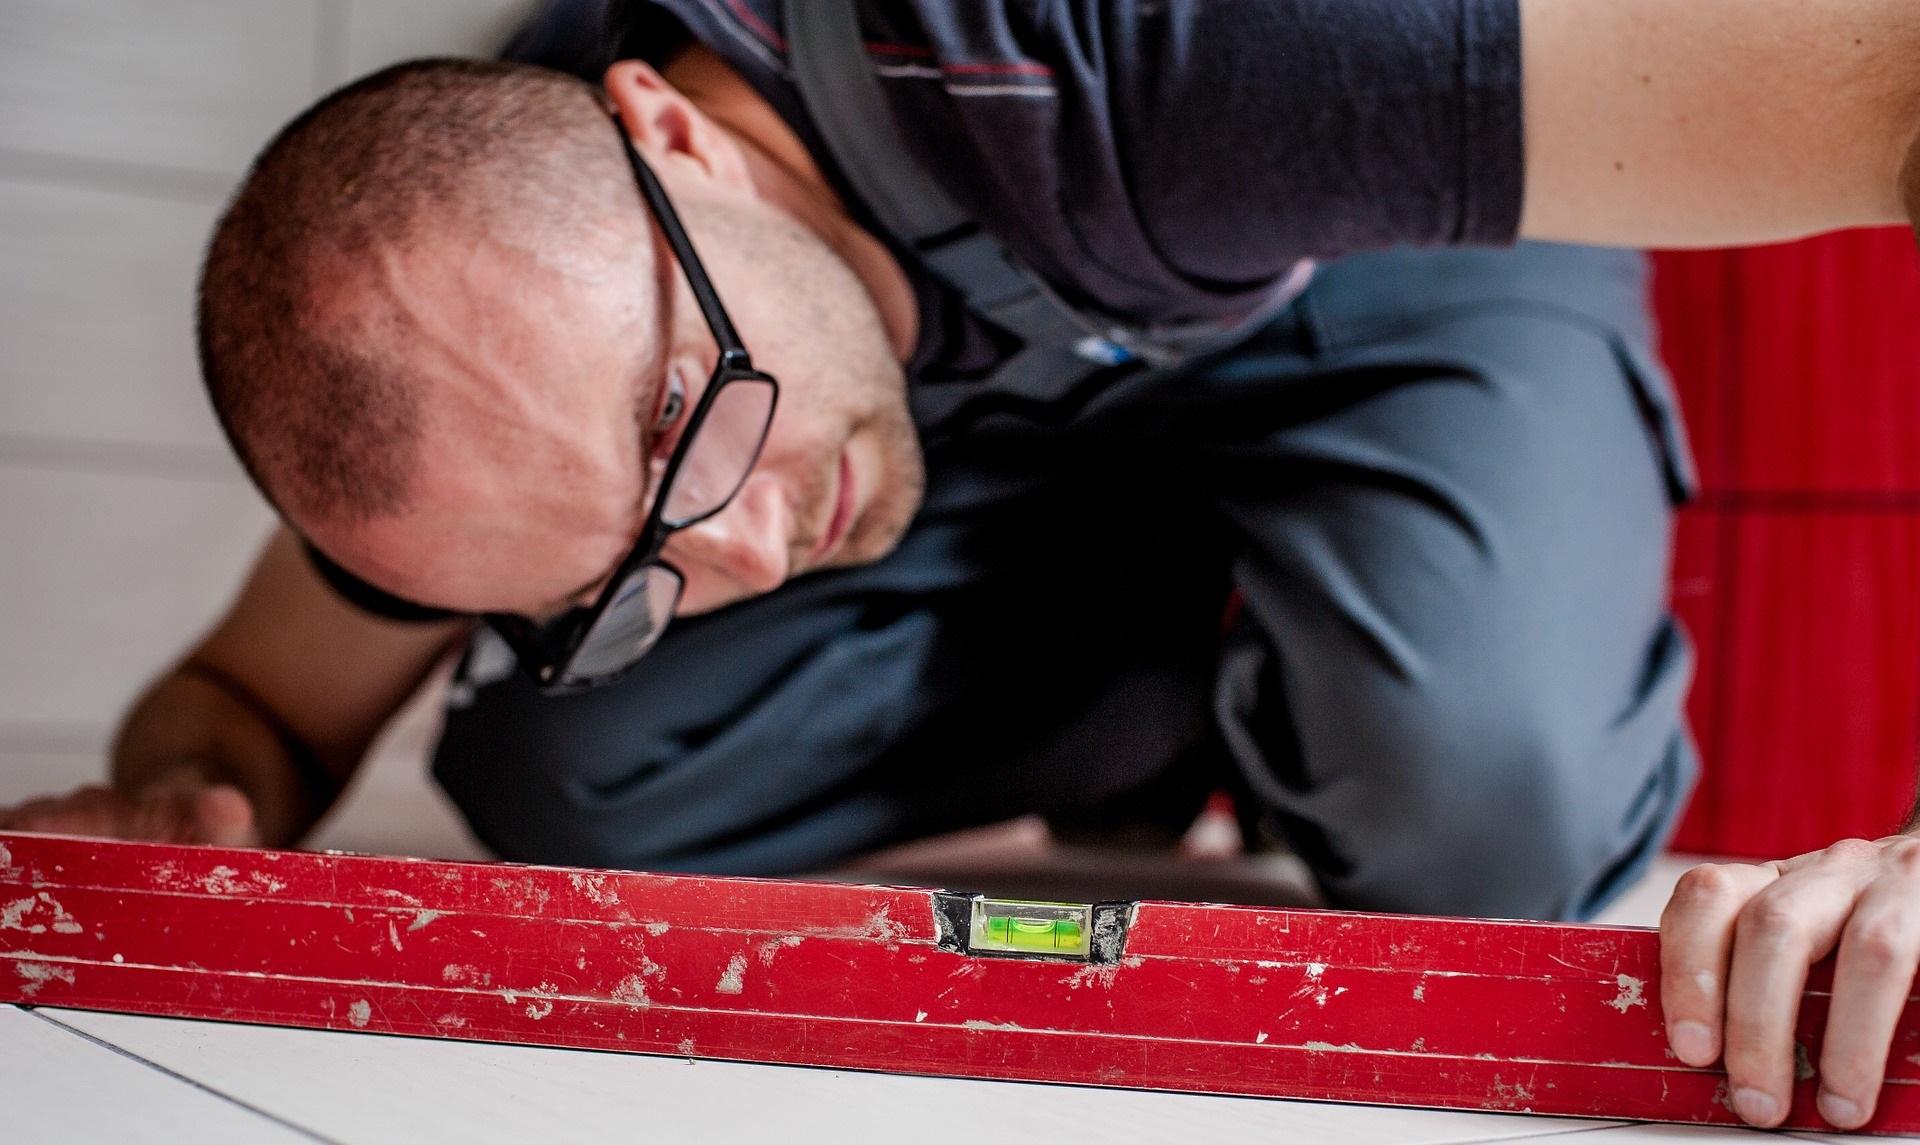 Estrich verlegen Eigenregie Ratgeber Bautrocknung Duregger Termintrockung Bautrockner mieten Müchen Vermietung Express Trocknung Wasserwaage